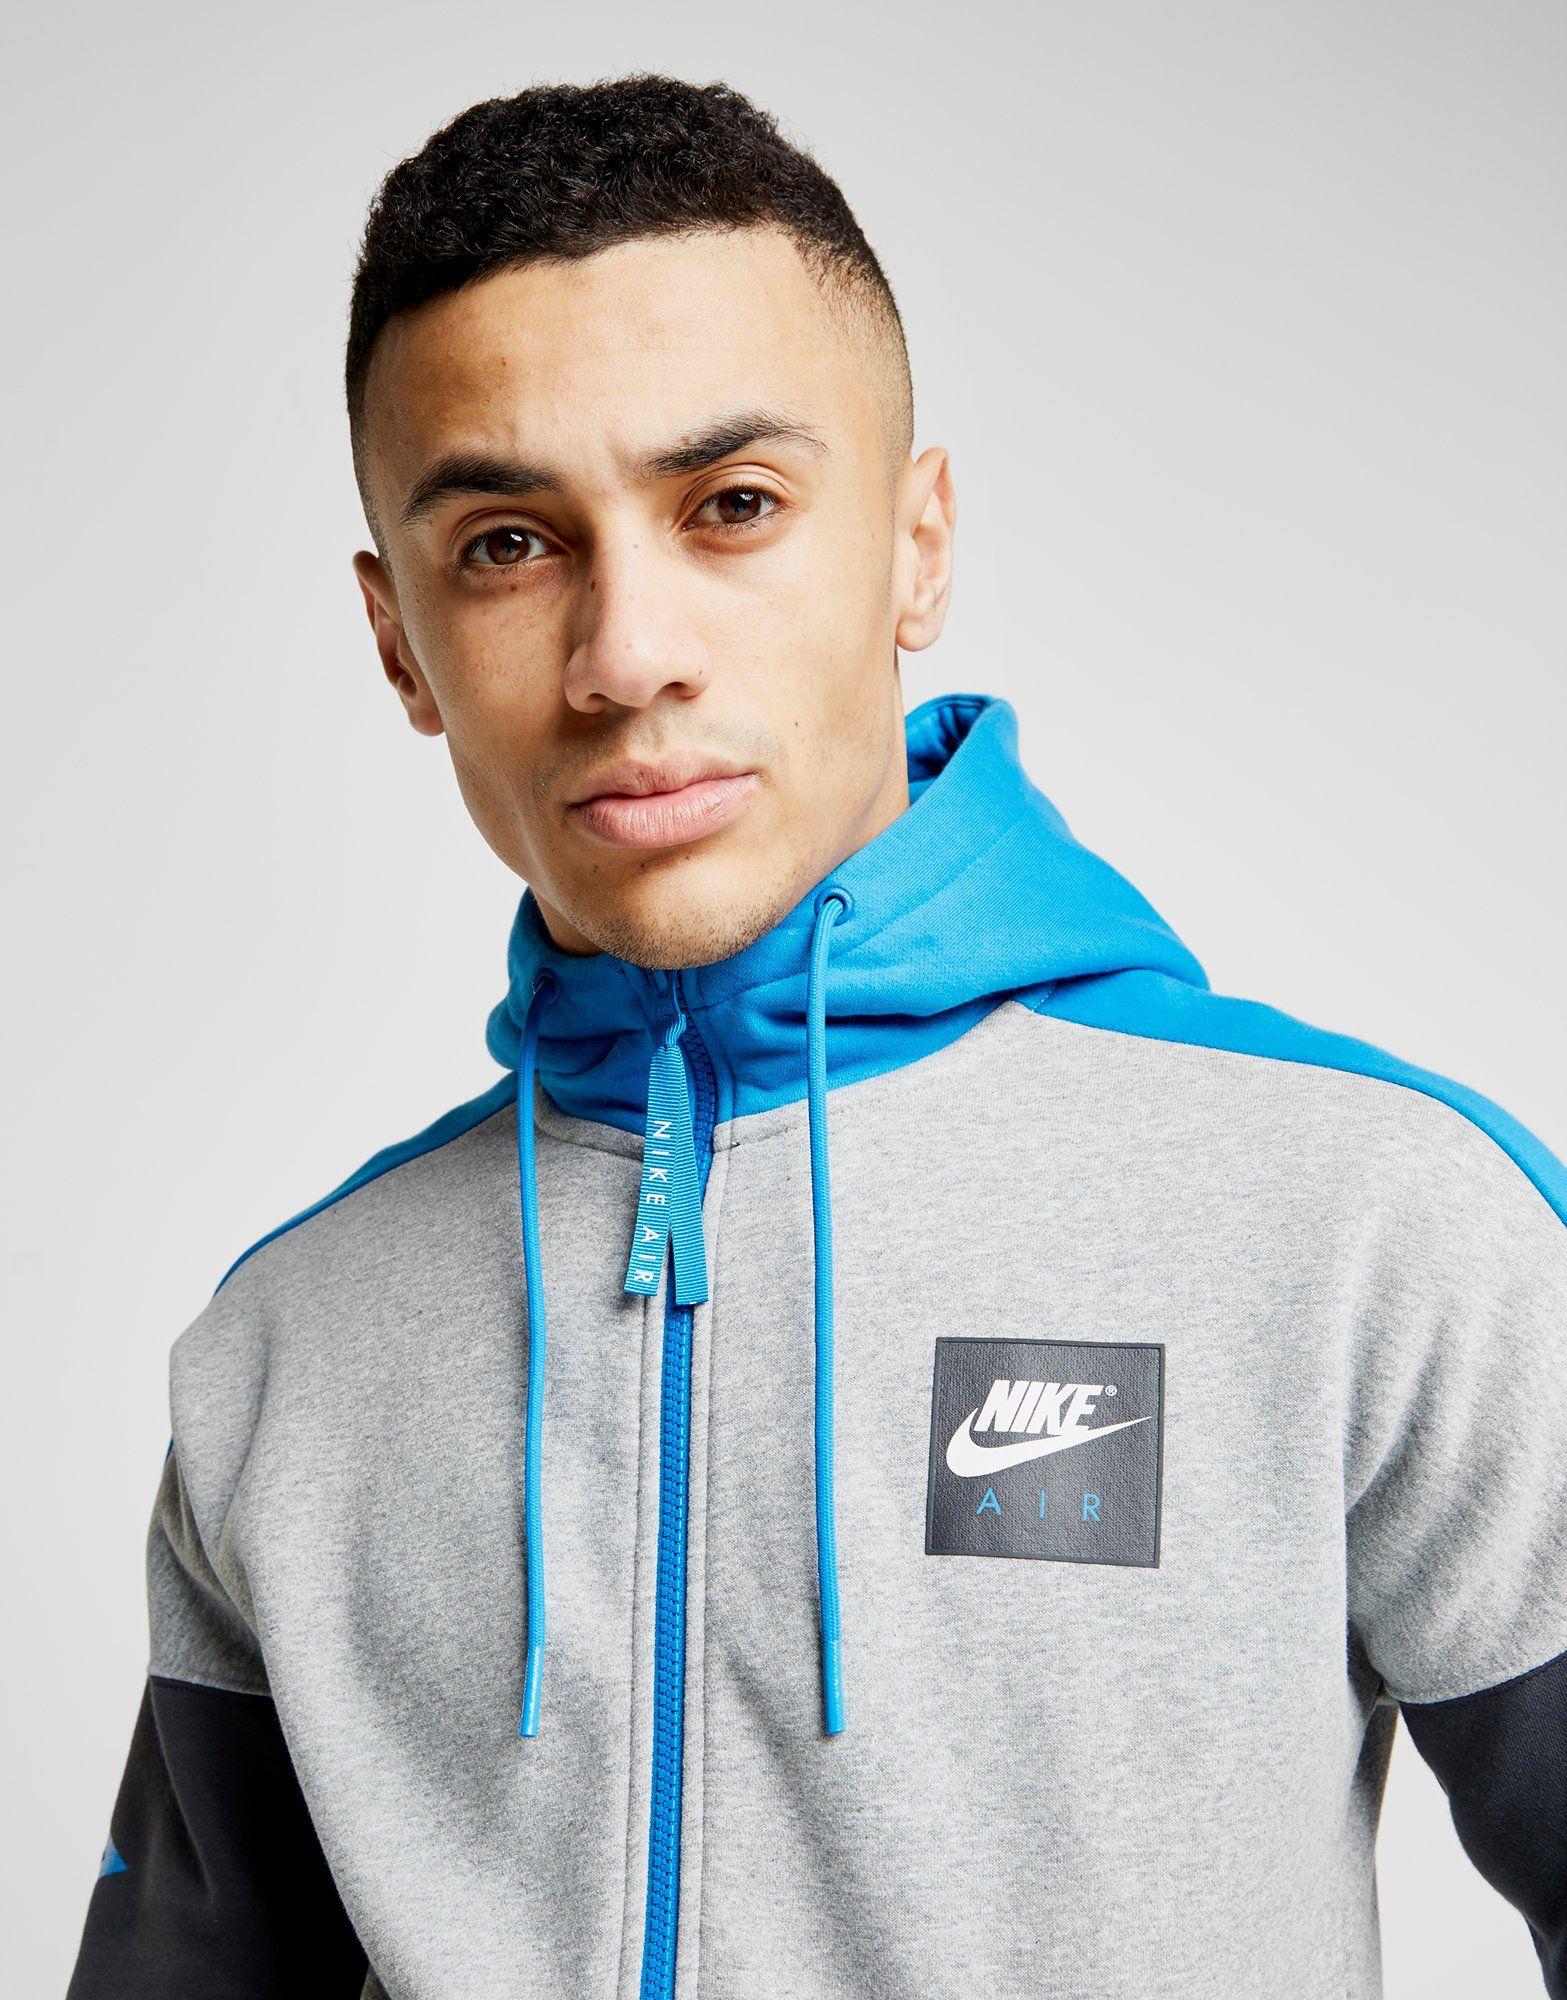 Nike Air Full Zip Hoodie Grau